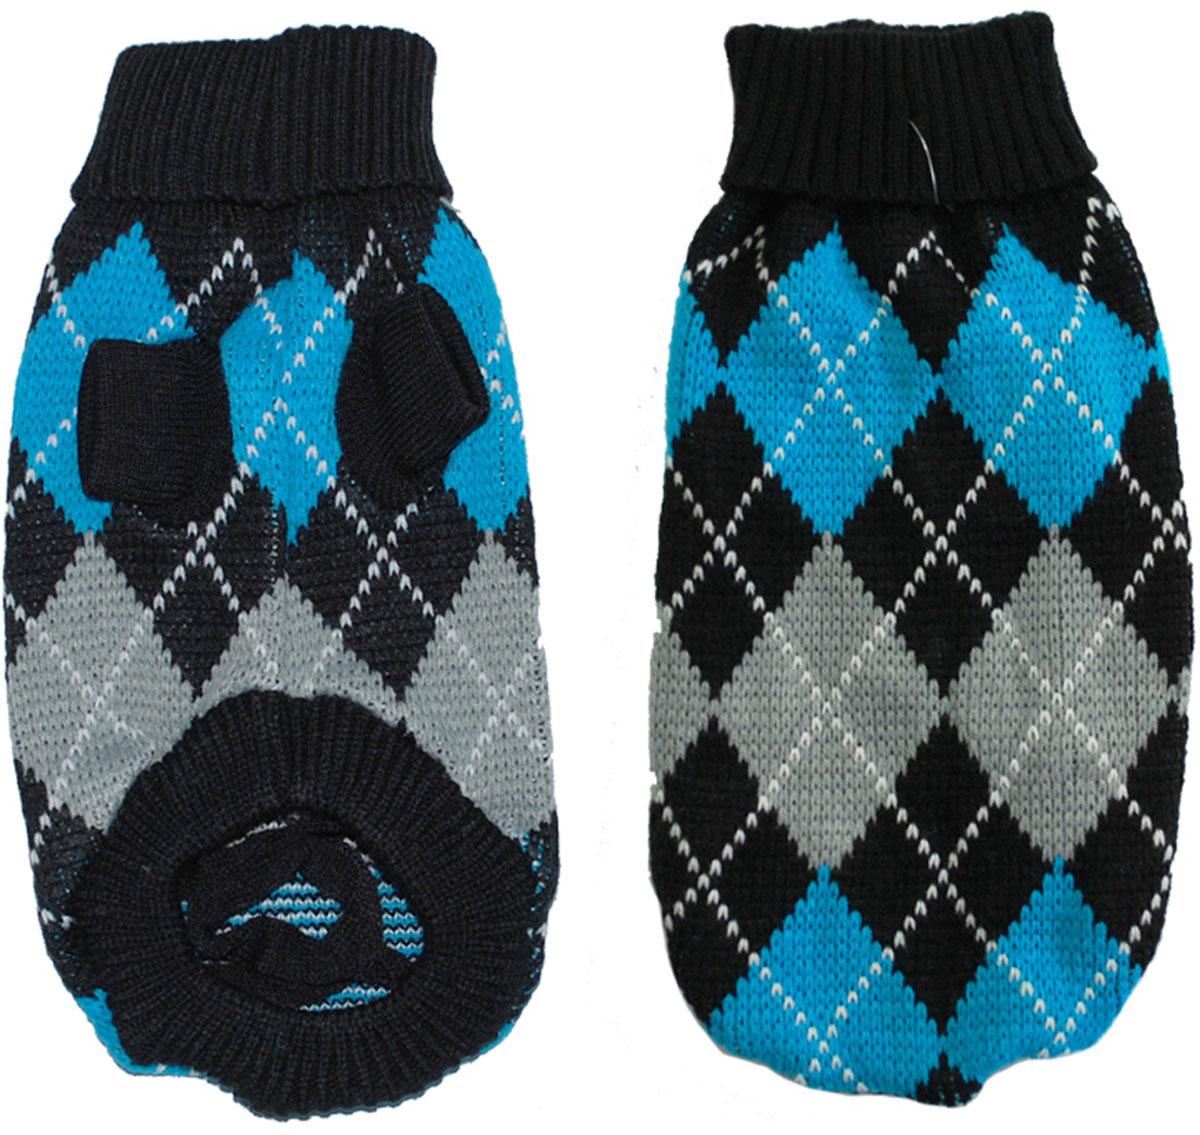 Свитер для собак Уют, унисекс, цвет: черный, синий, серый. НМ24ХЛ. Размер XLНМ24ХЛКрасивый вязаный свитер для собак Уют выполнен из акрила. Рукава, воротник и низ изделия дополнены эластичными трикотажными резинками для плотного прилегания. Модель декорирована рисунком в виде ромбов. В таком свитере вашей собачке будет тепло и уютно. Обхват шеи: 32-36 см.Обхват груди: 53-61 см.Длина спинки: 40 см.Одежда для собак: нужна ли она и как её выбрать. Статья OZON Гид